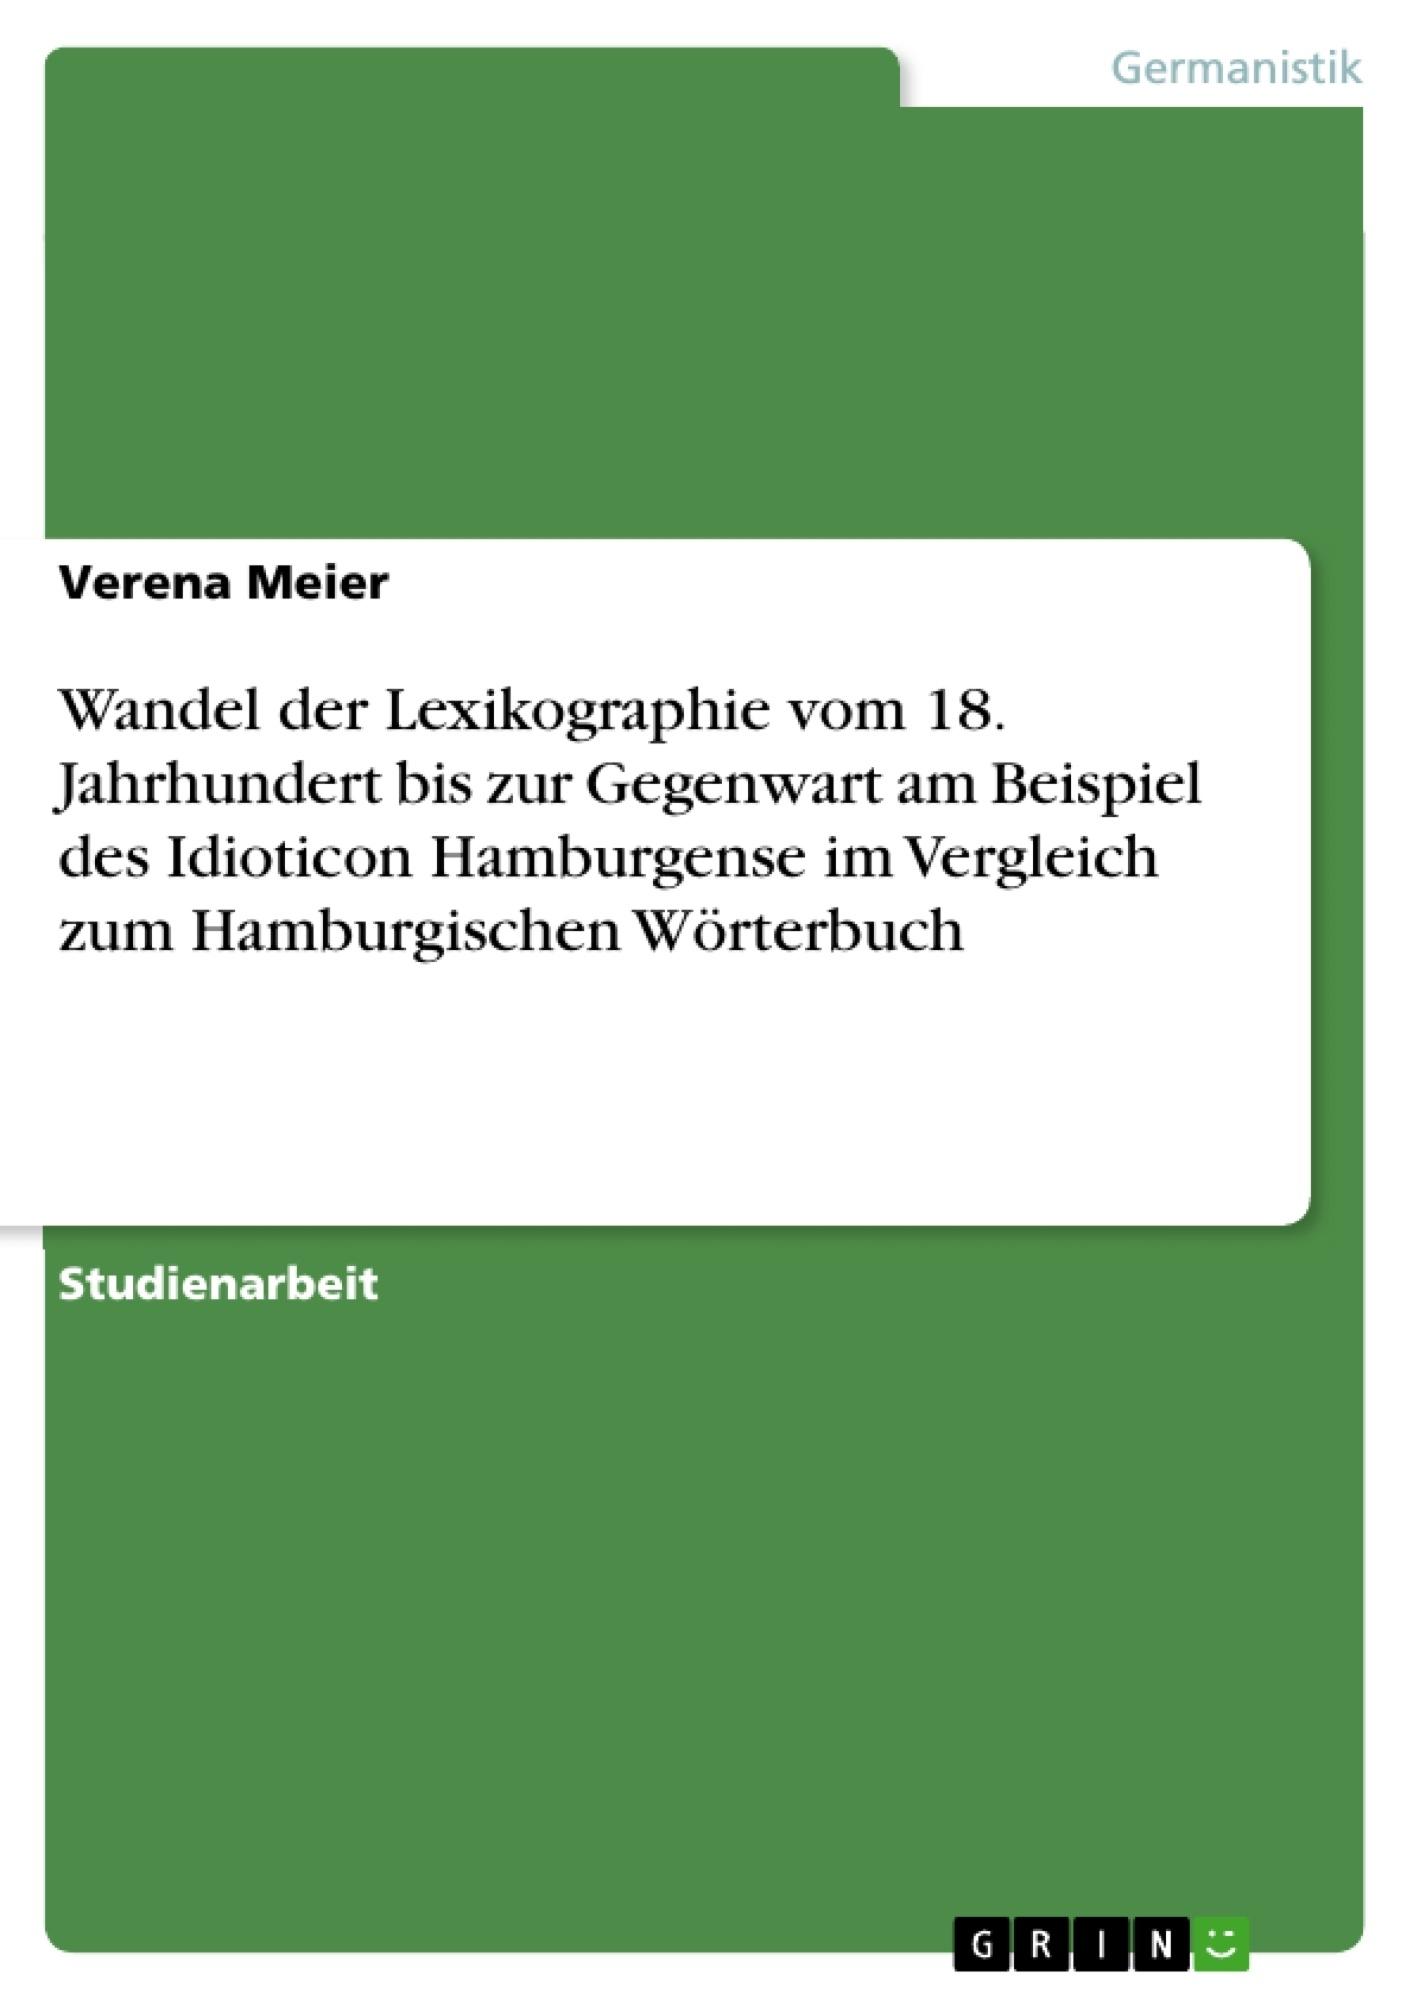 Titel: Wandel der Lexikographie vom 18. Jahrhundert bis zur Gegenwart am Beispiel des Idioticon Hamburgense im Vergleich zum Hamburgischen Wörterbuch